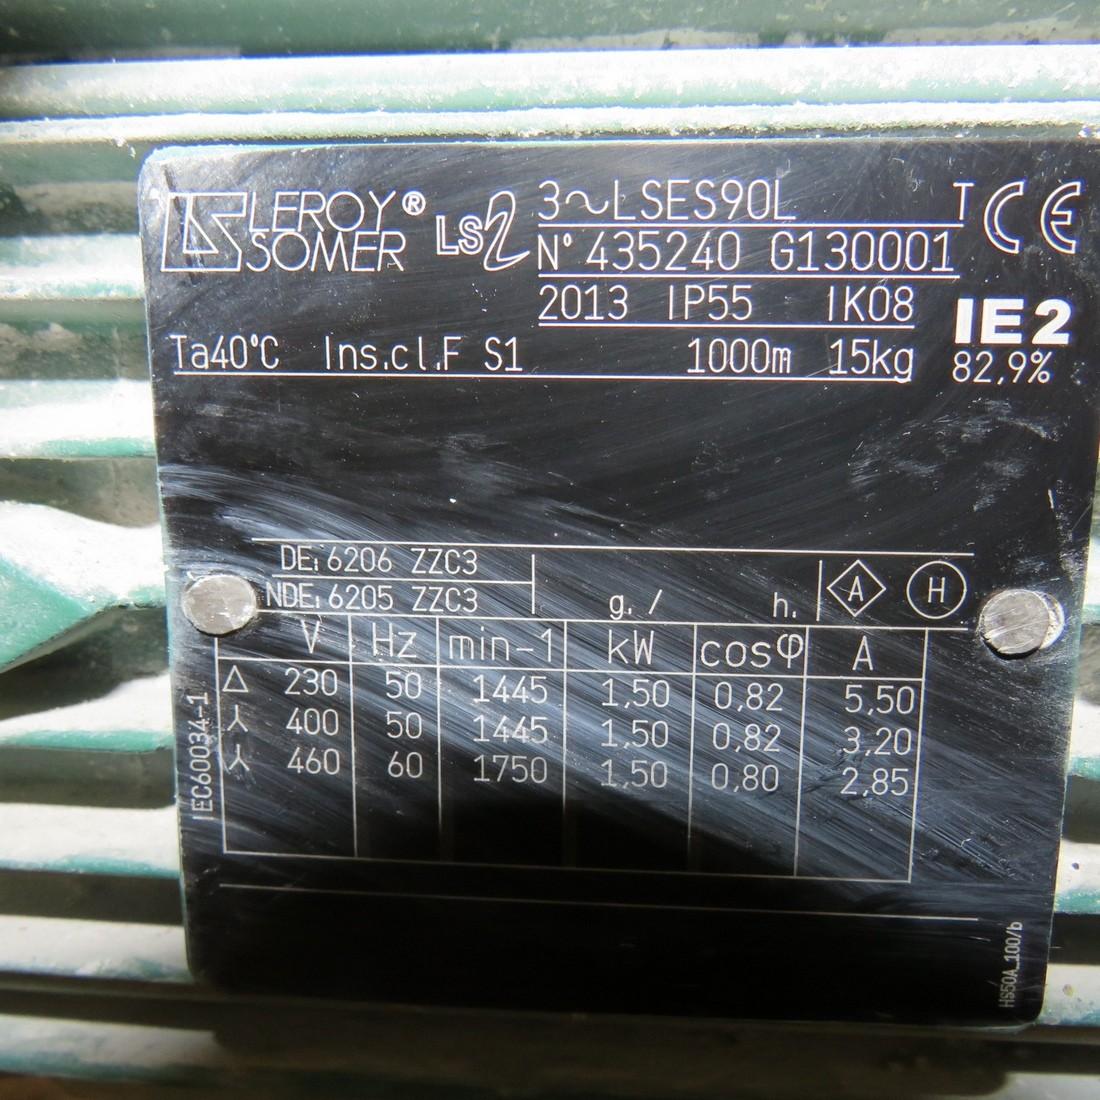 R4S1094 Mild steel SODIMATE screw tube - Ø180X4150 mm